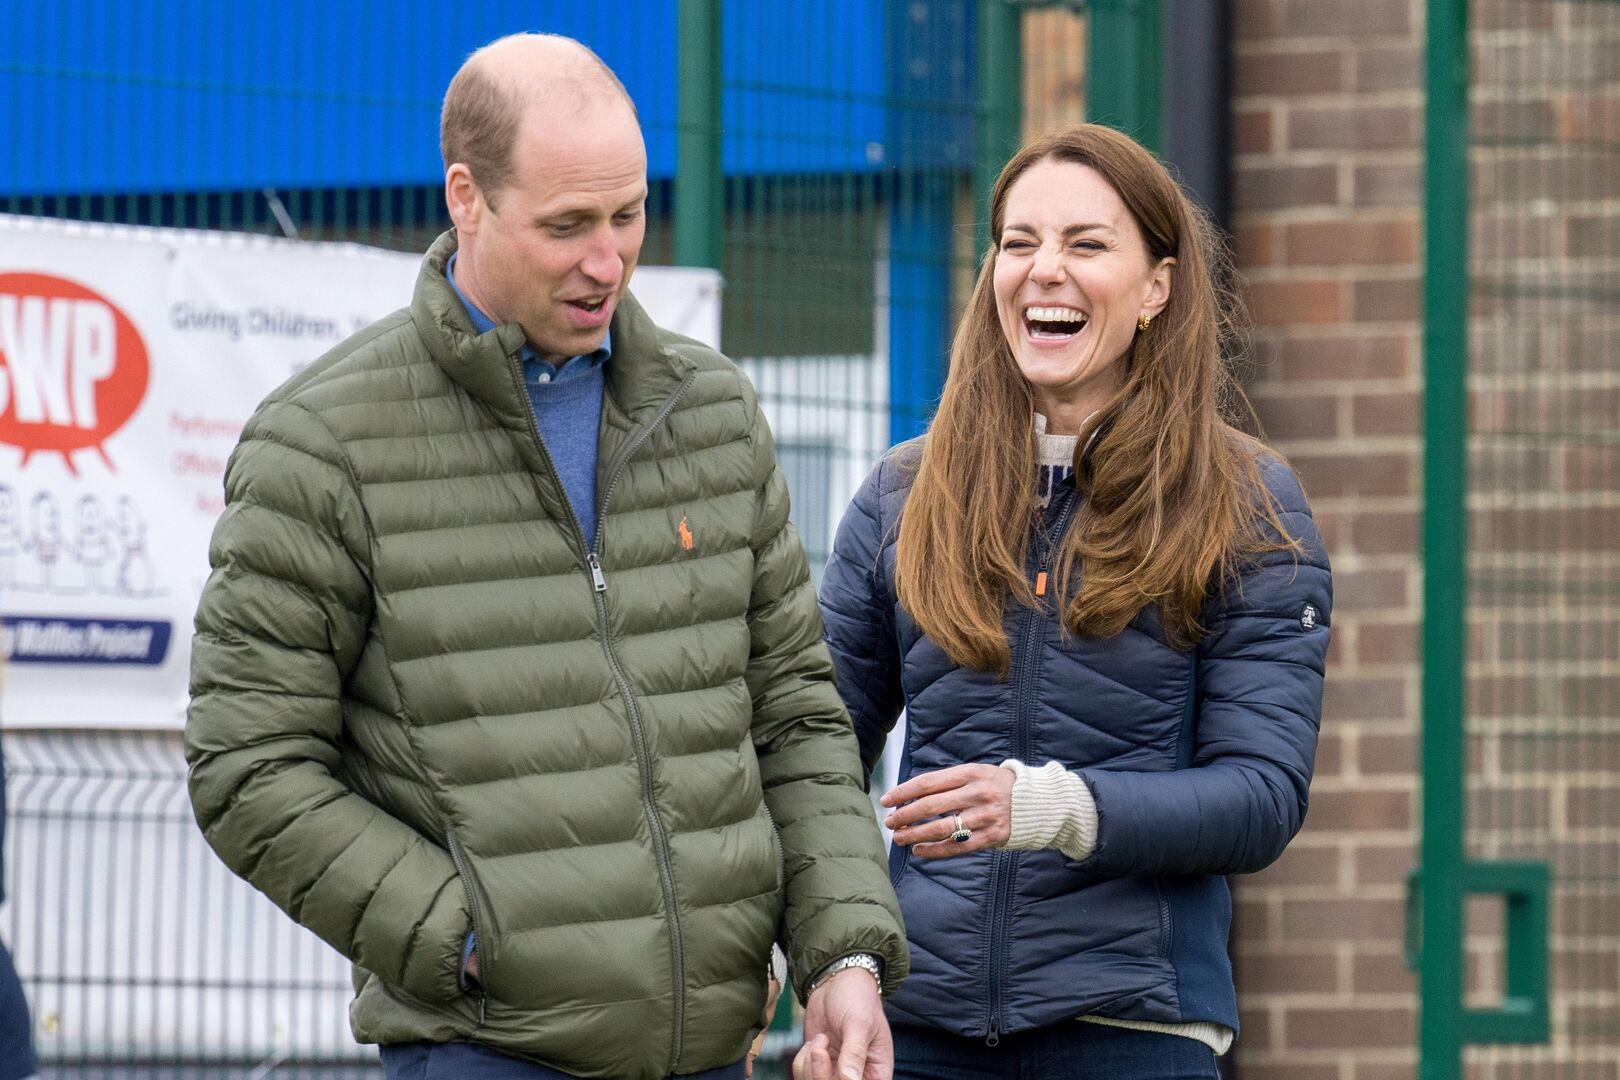 الأمير ويليام وزوجته يطلقان قناة عبر